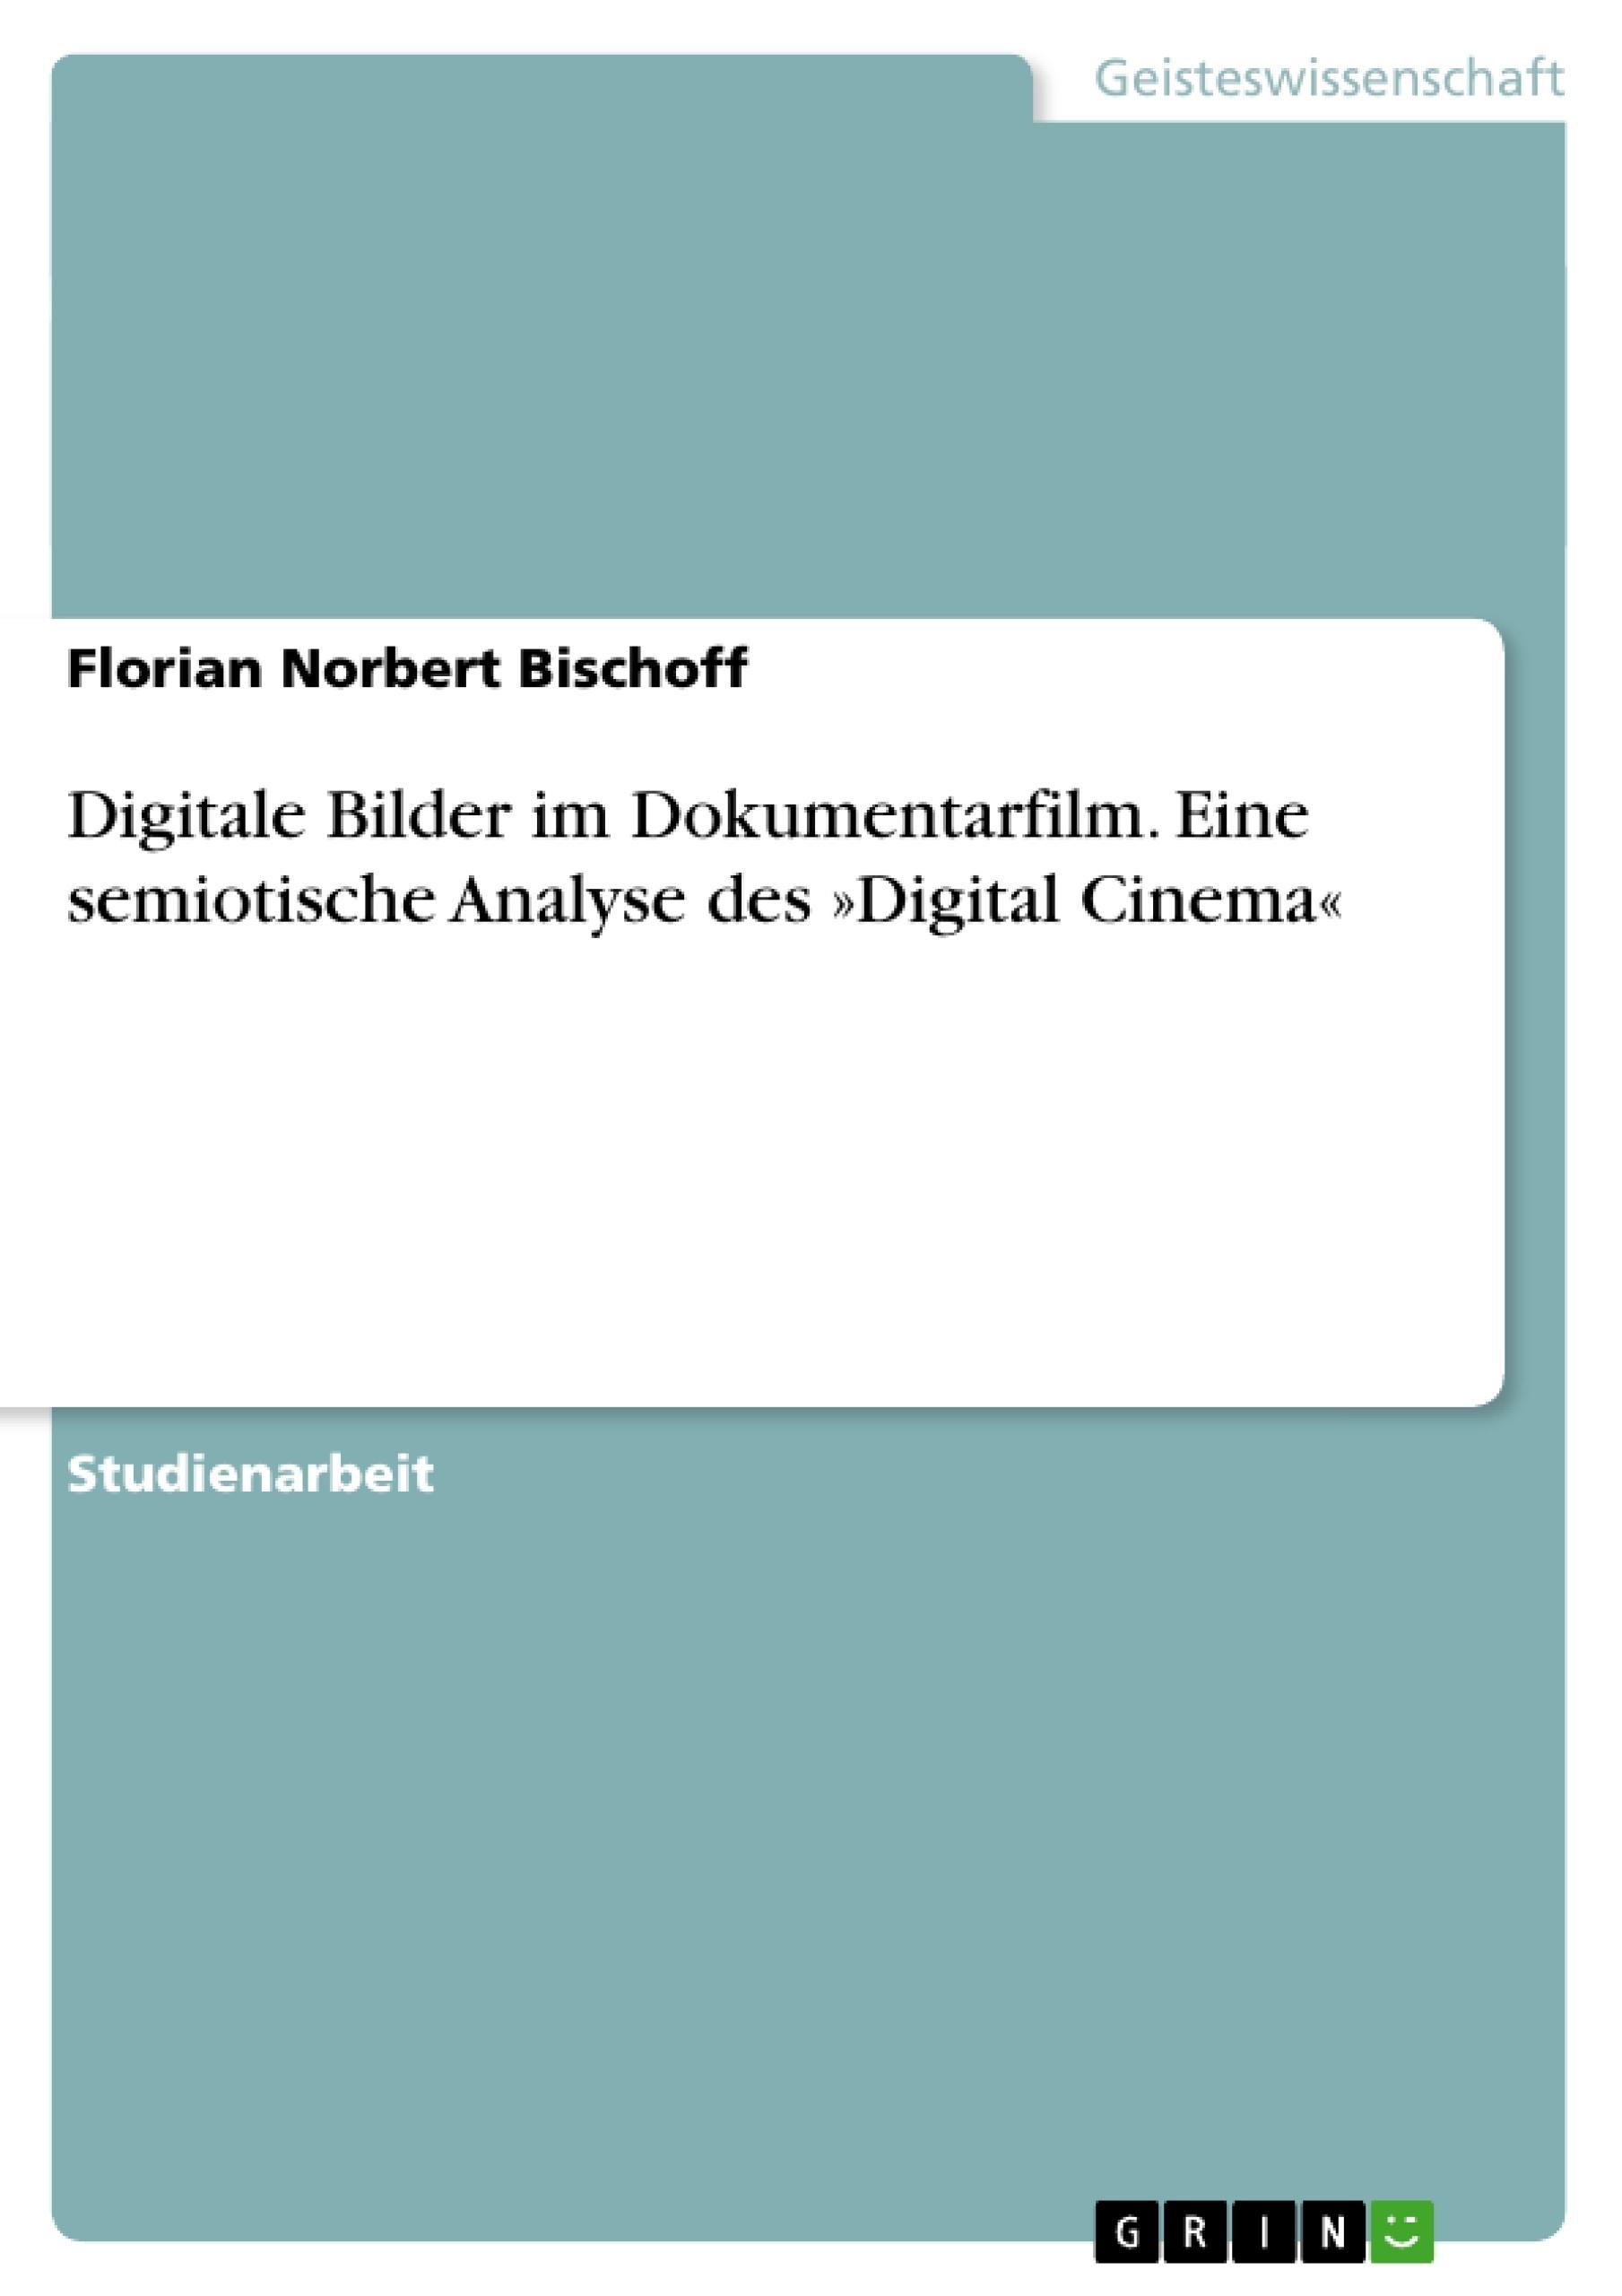 Titel: Digitale Bilder im Dokumentarfilm. Eine semiotische Analyse des »Digital Cinema«